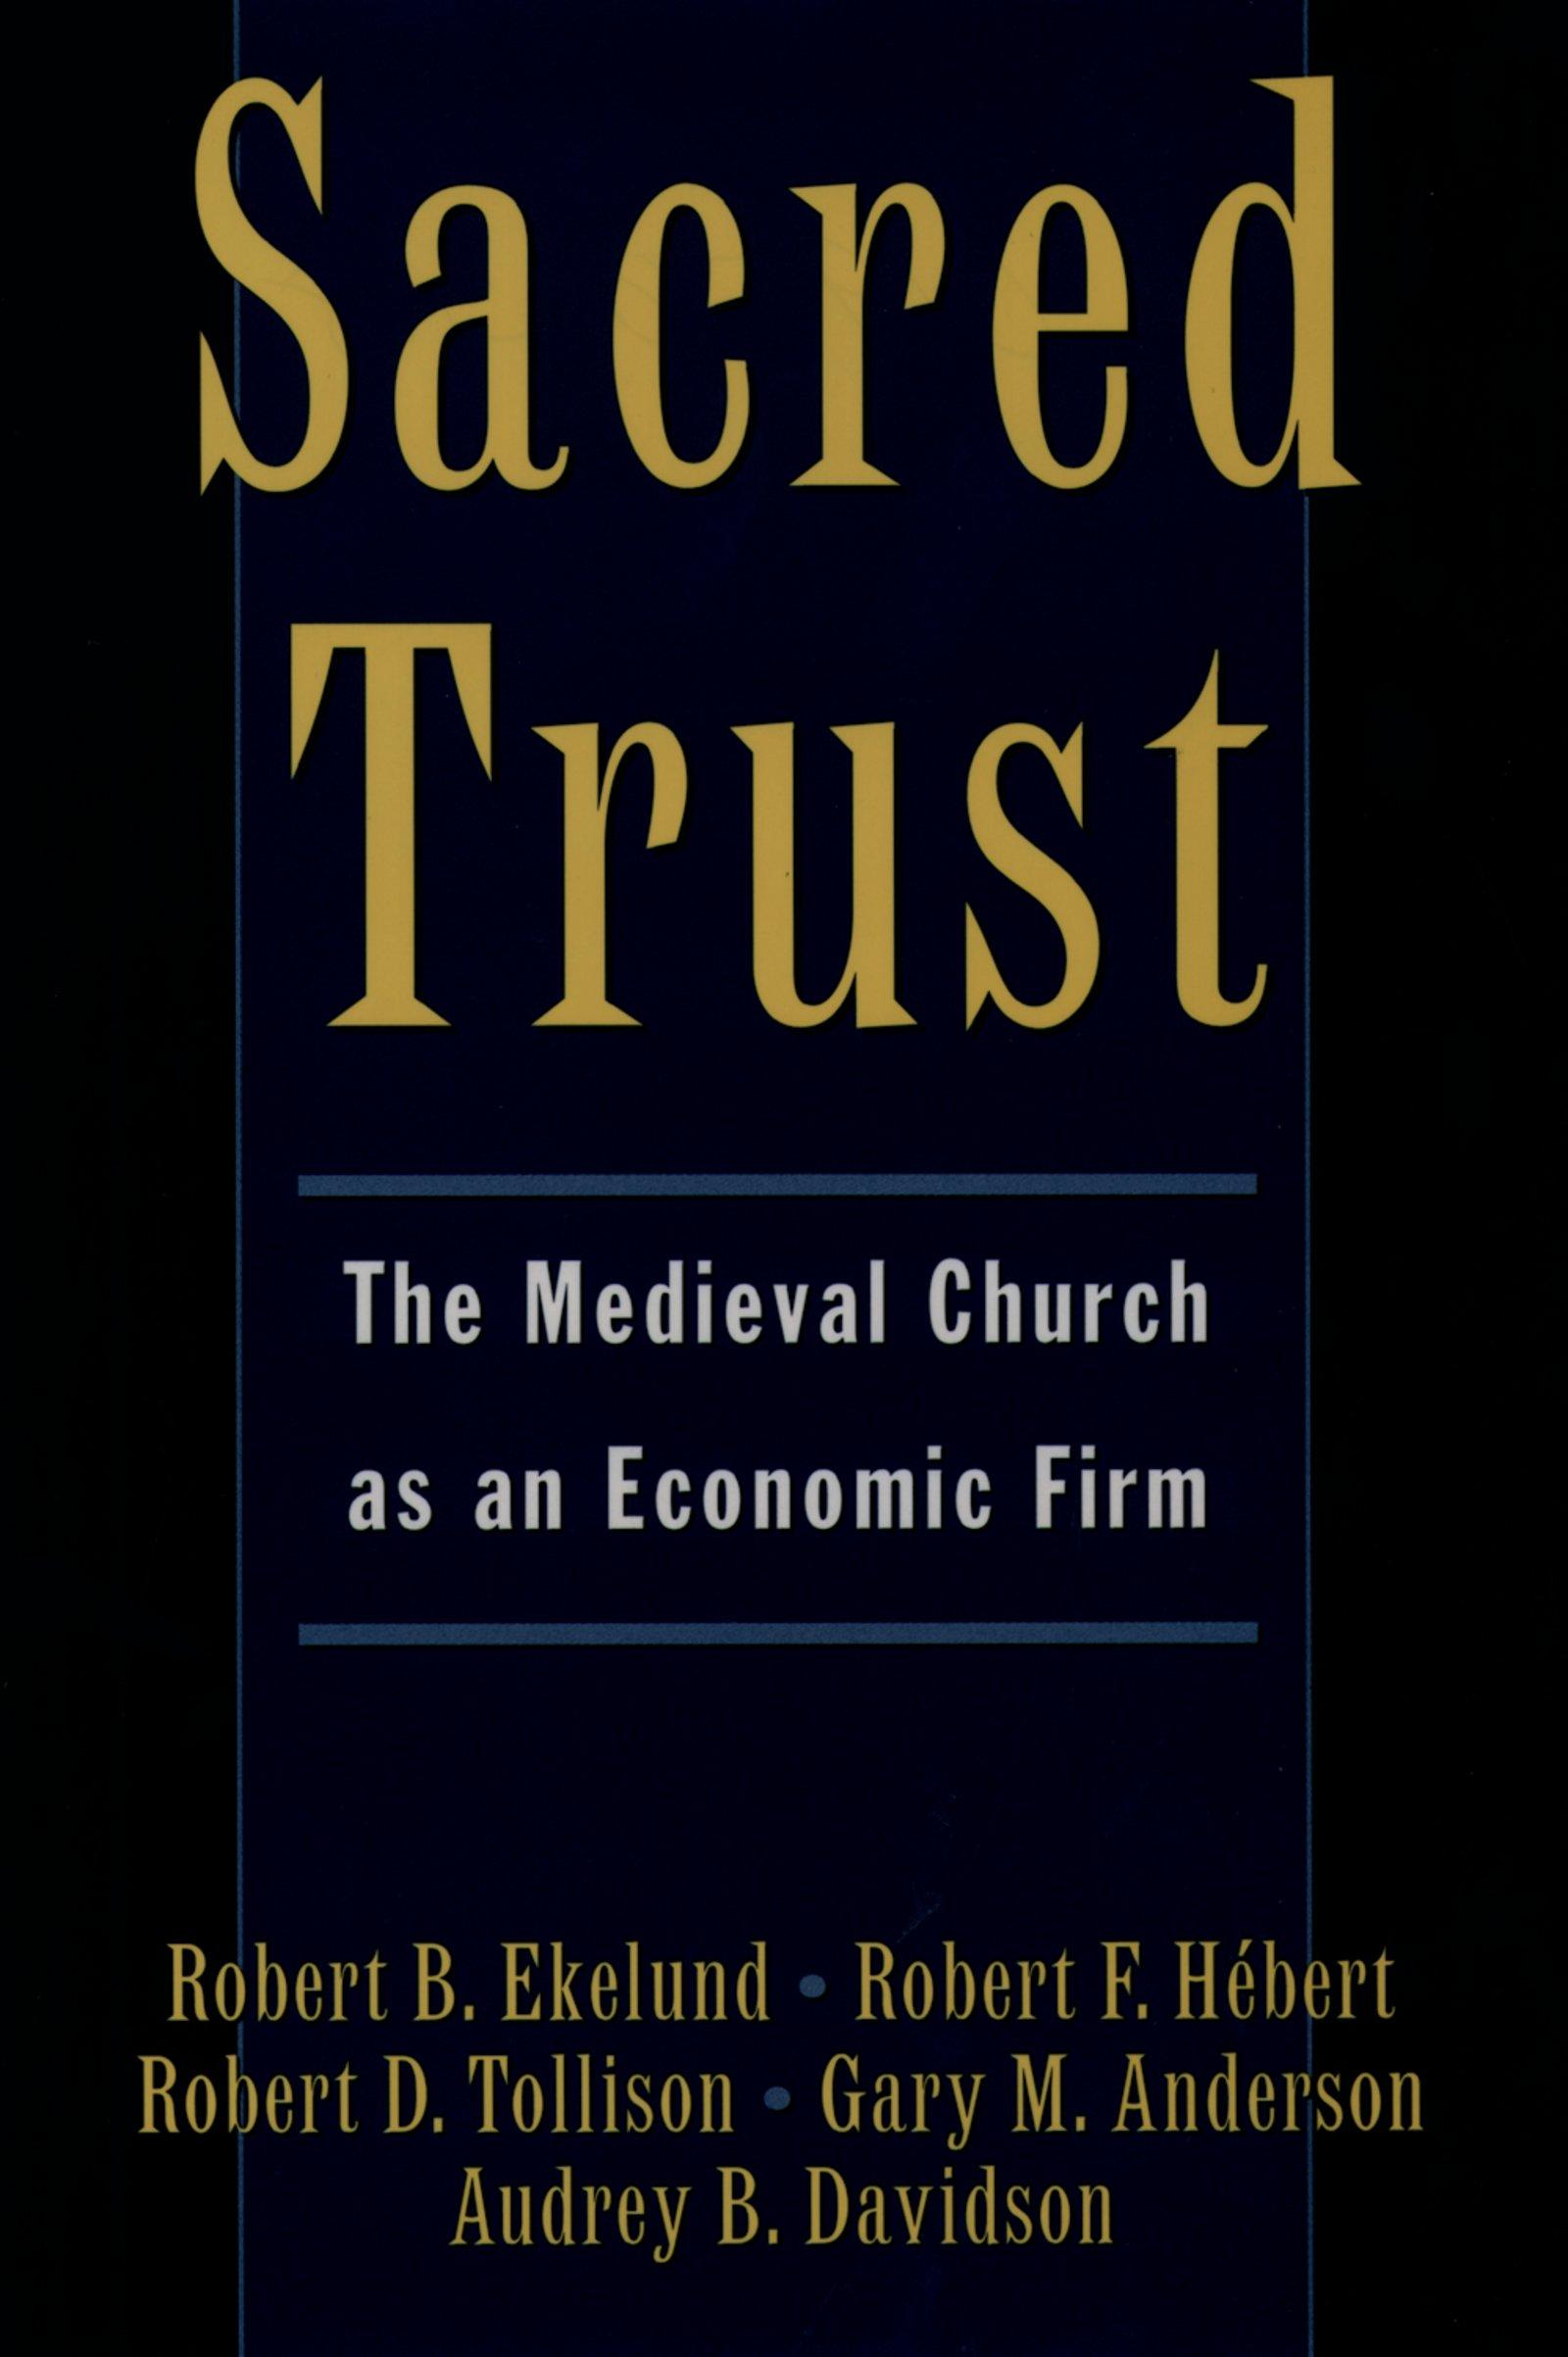 Download Ebook Sacred Trust by Robert B. Ekelund Pdf